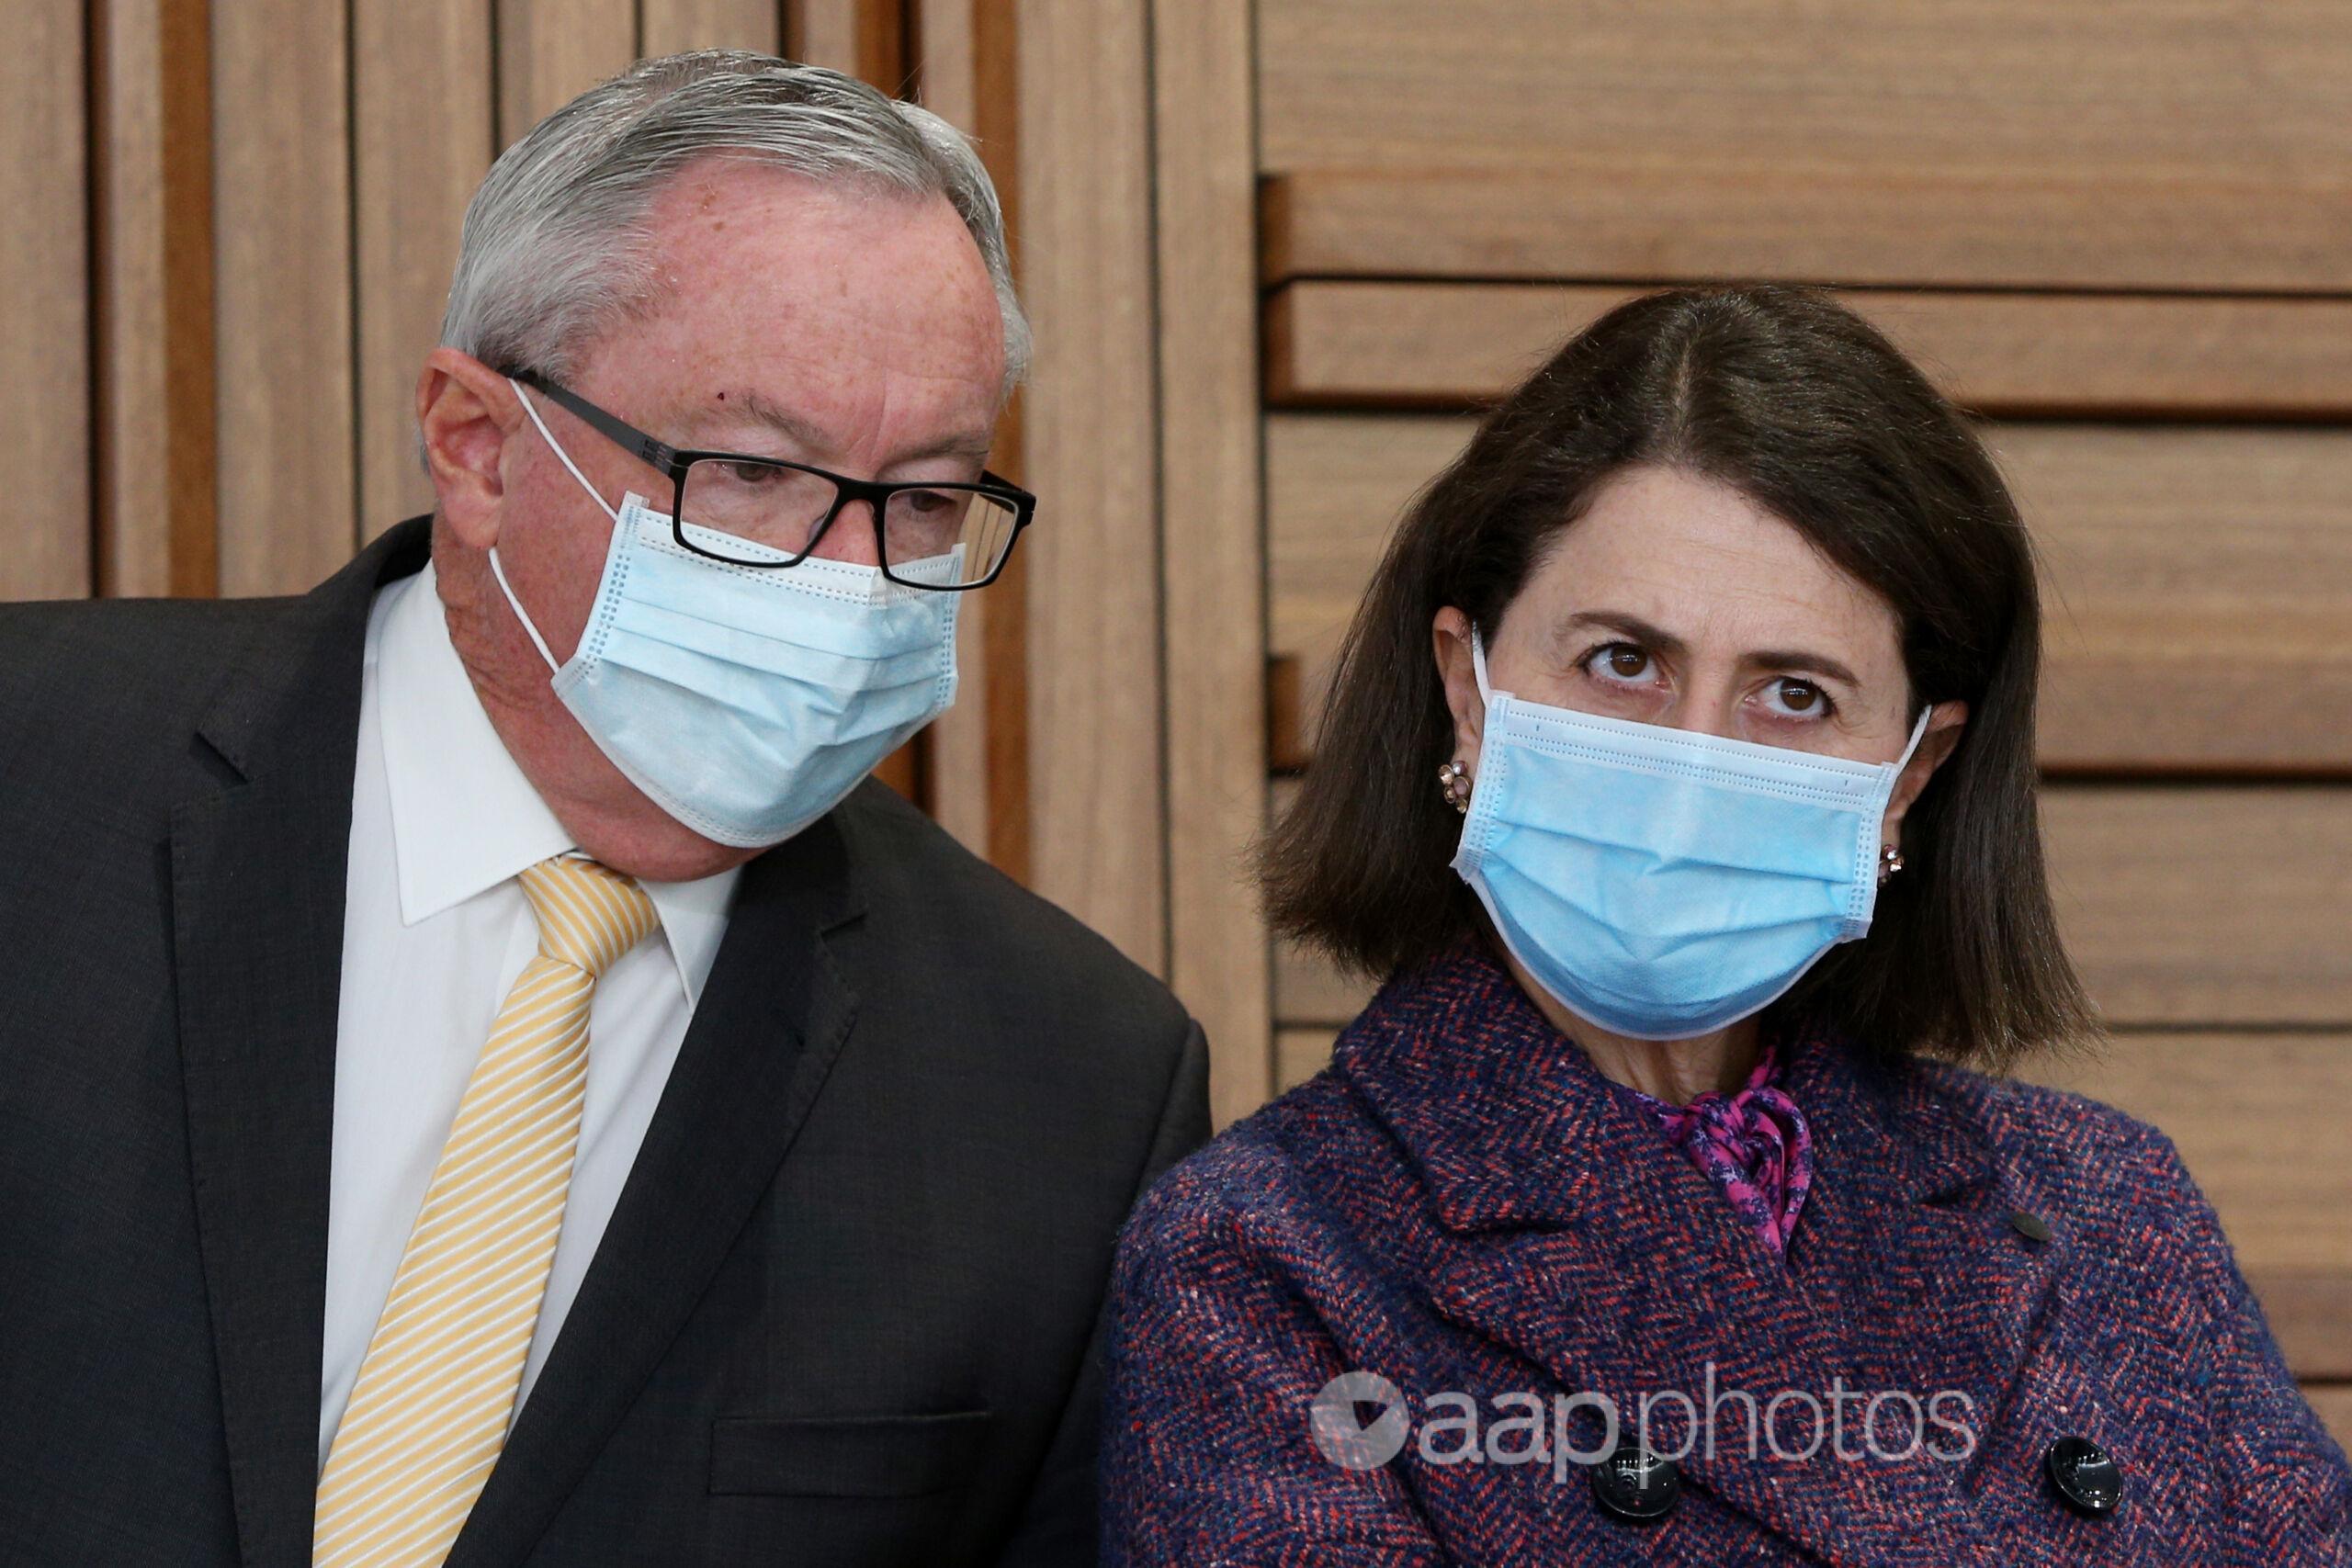 NSW Health Minister Brad Hazzard and Premier Gladys Berejiklian